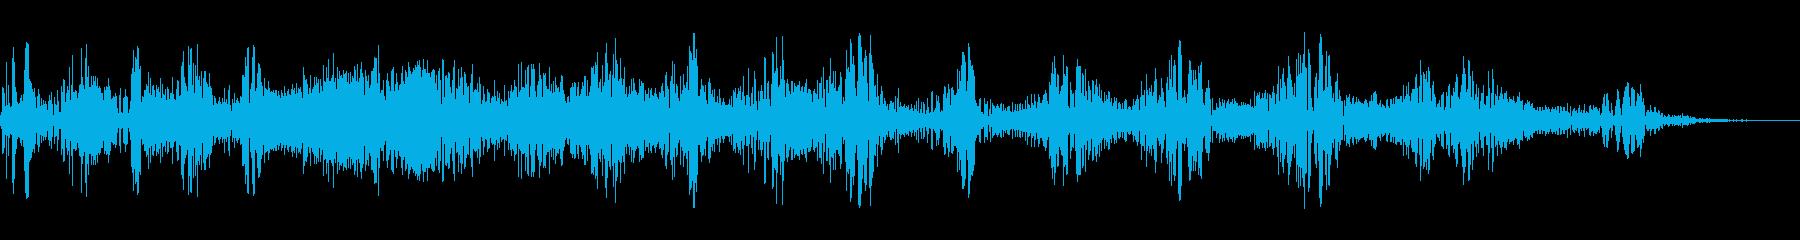 スパッタリングスワイプの再生済みの波形